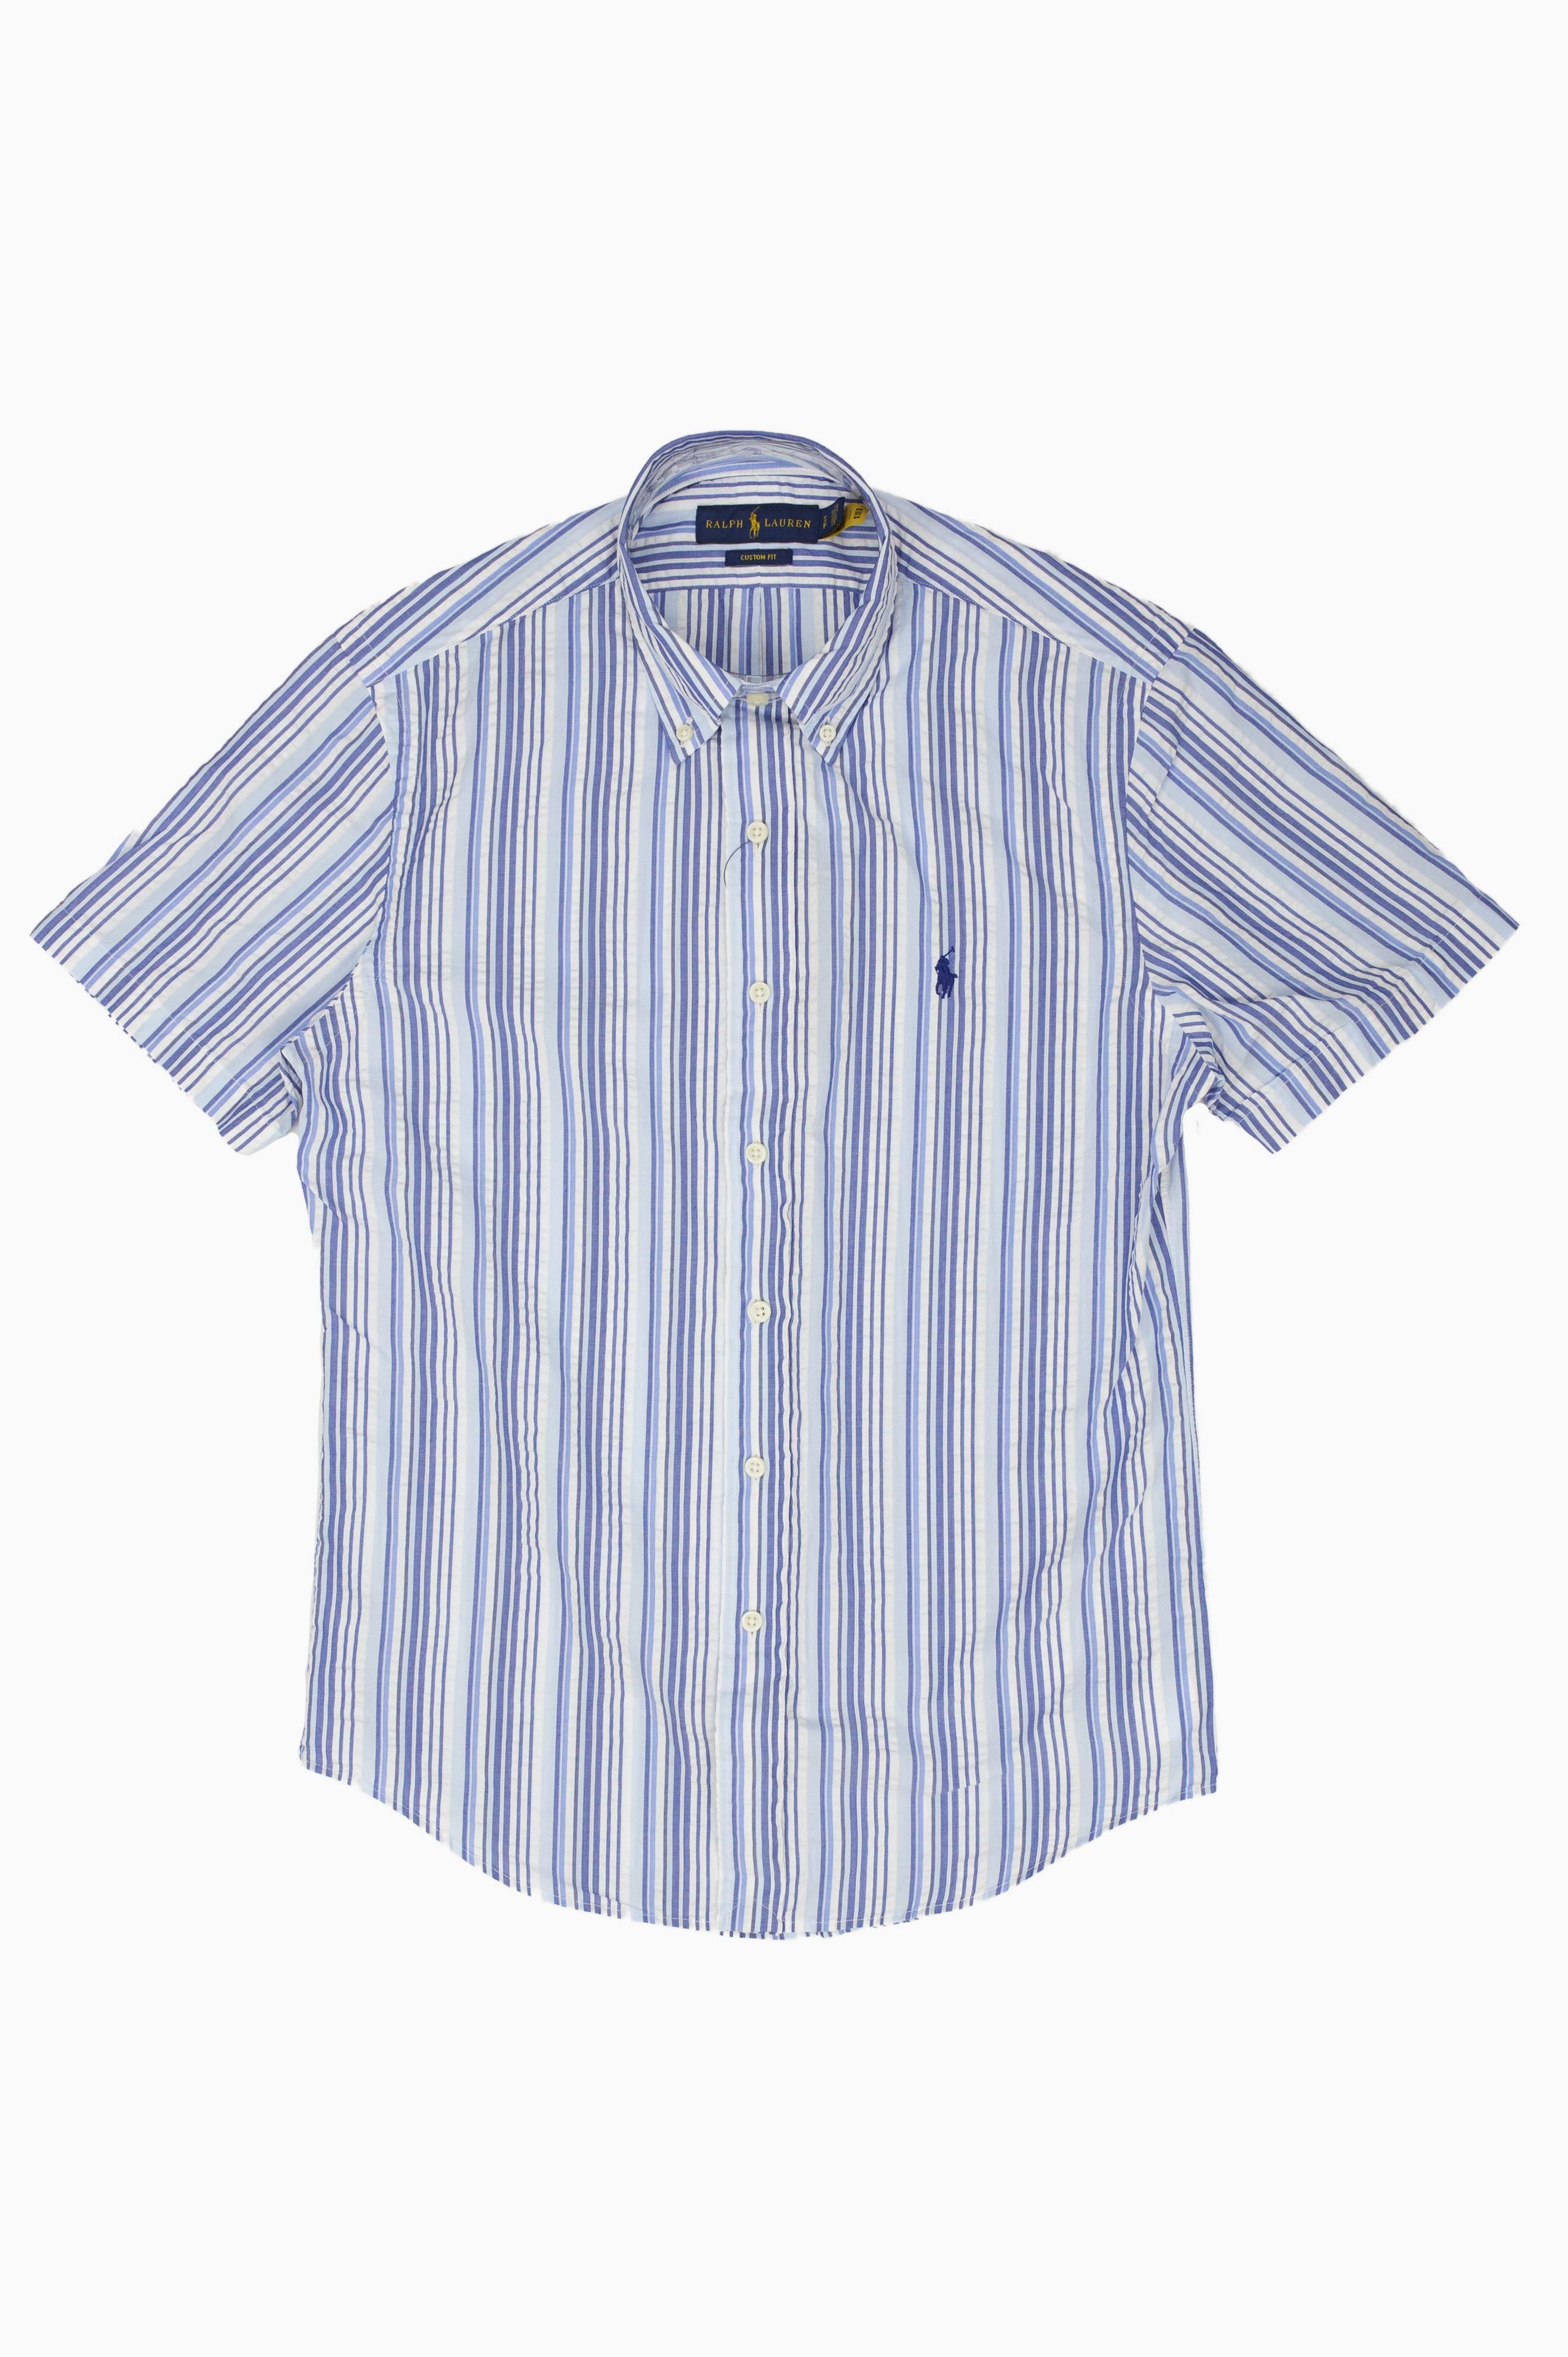 Seersucker Striped Shirt White/Blue